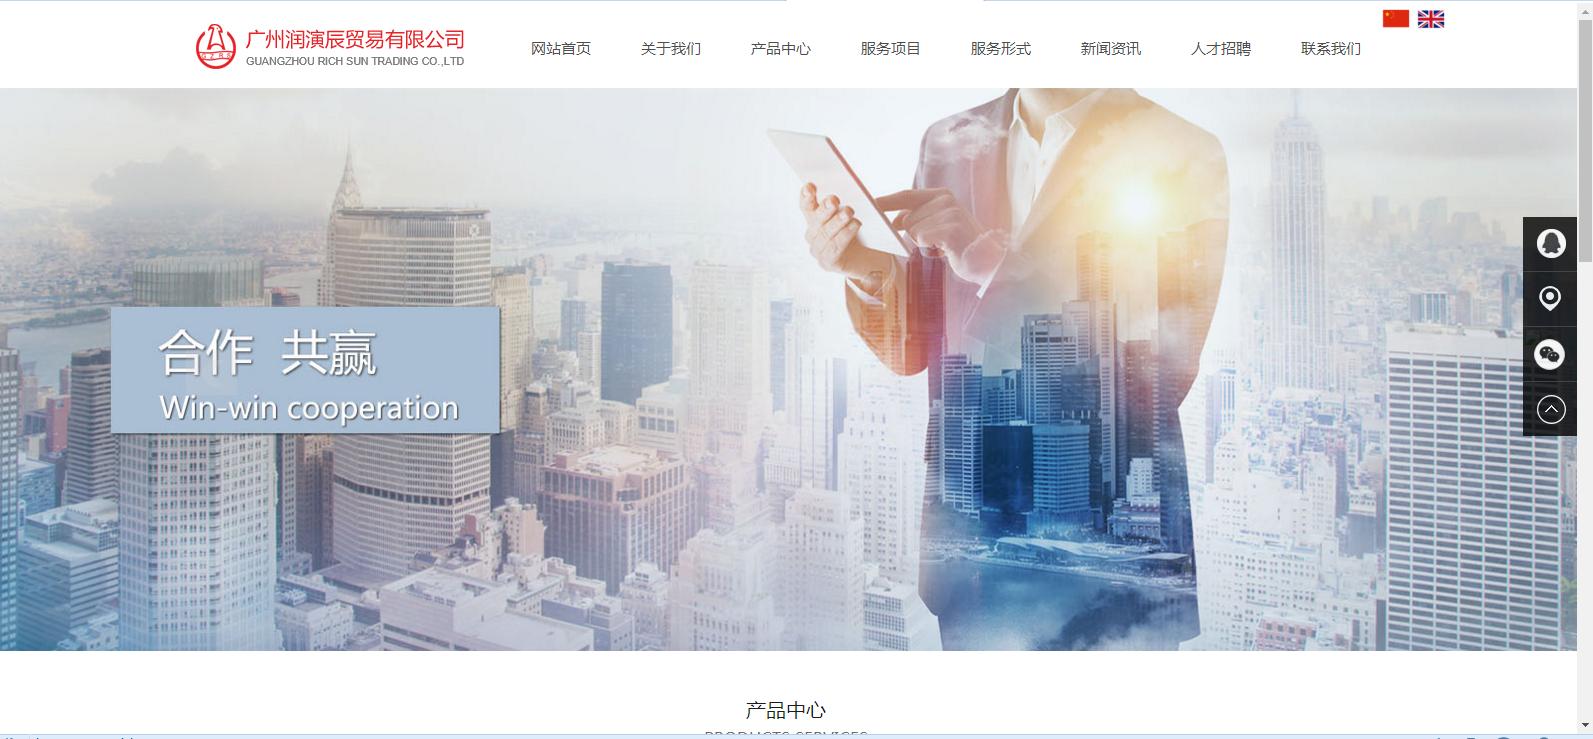 广州润演辰贸易有限公司